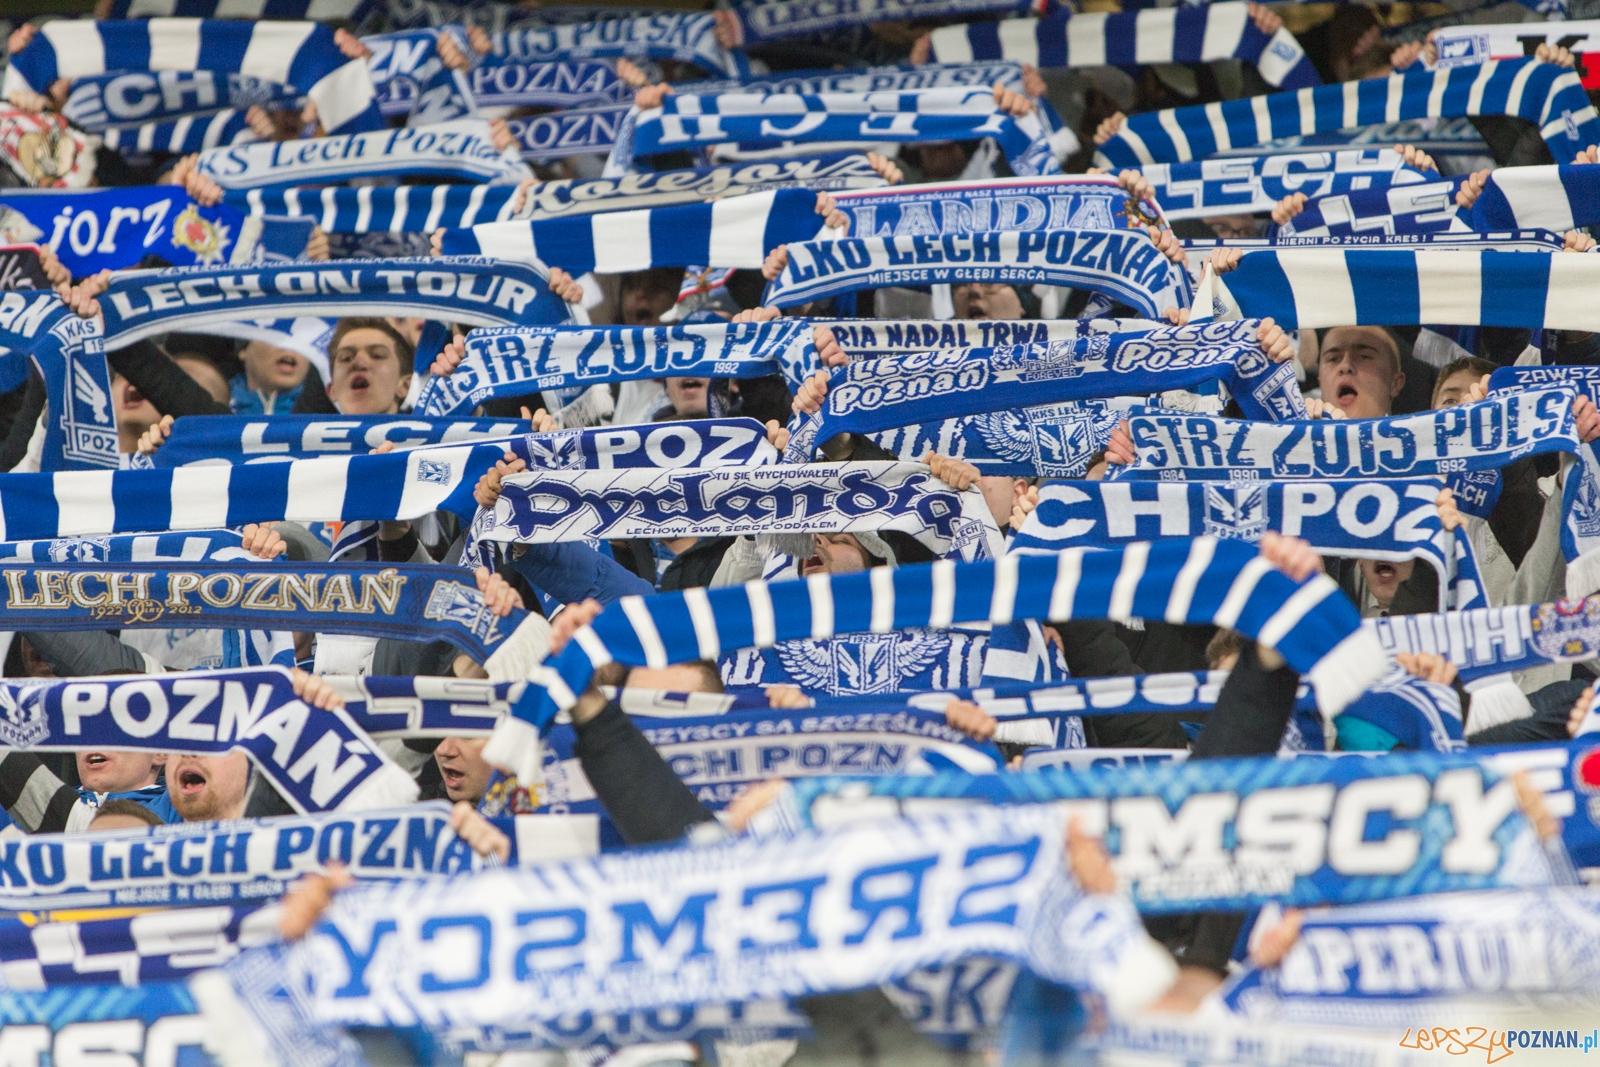 Puchar Polski: Lech Poznań - Pogoń Szczecin  Foto: lepszyPOZNAN.pl / Piotr Rychter